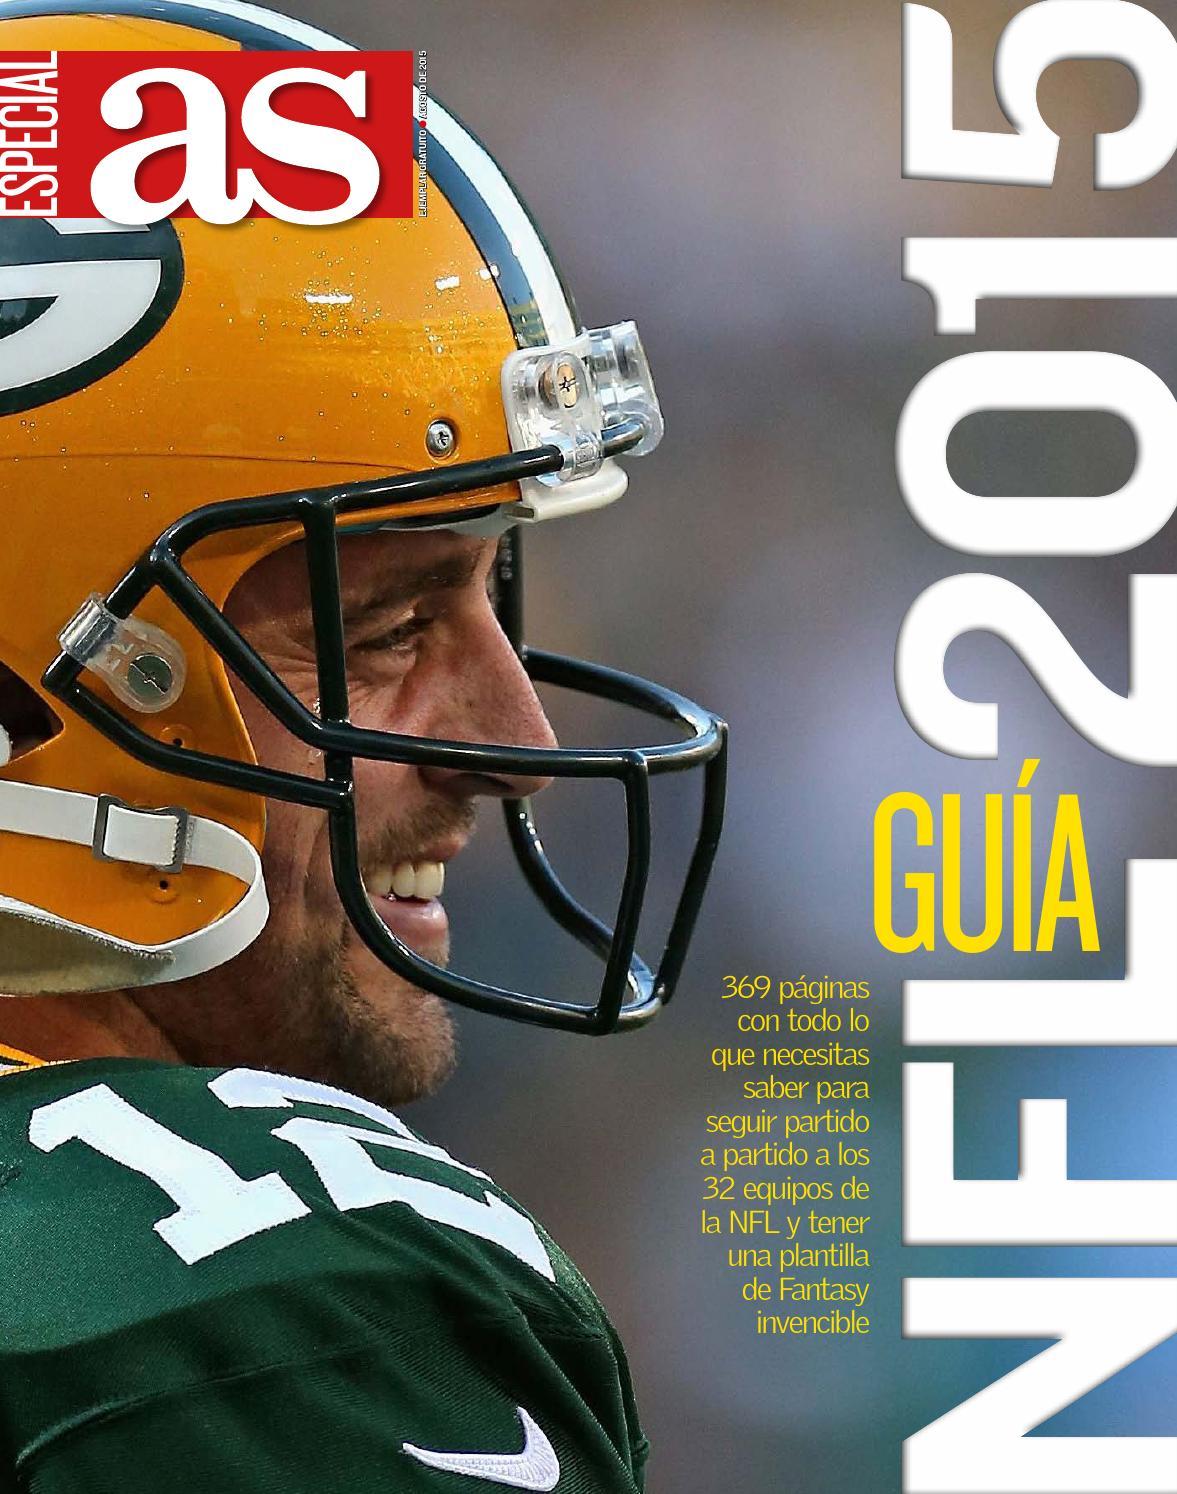 Guia as nfl 2015 by JPWolls - issuu